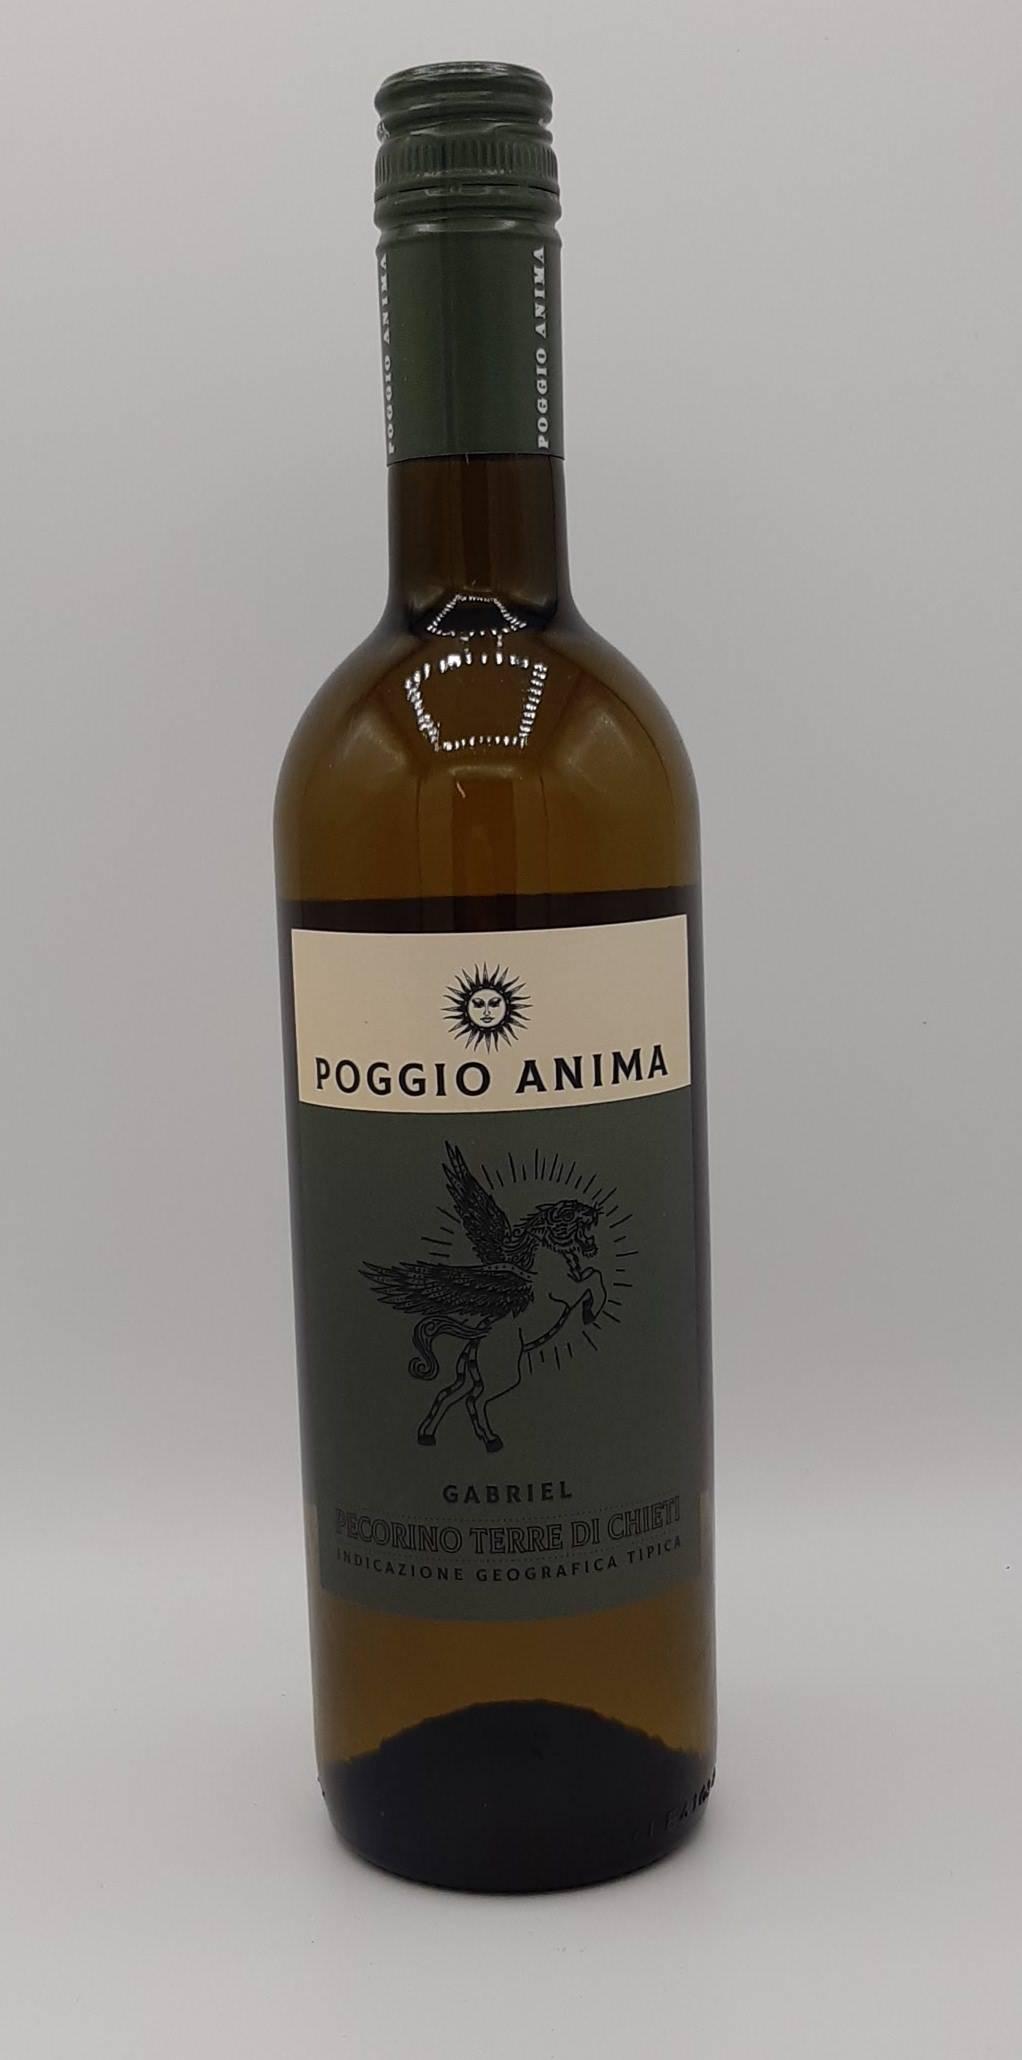 Poggio Anima Gabriel Pecorino Wines